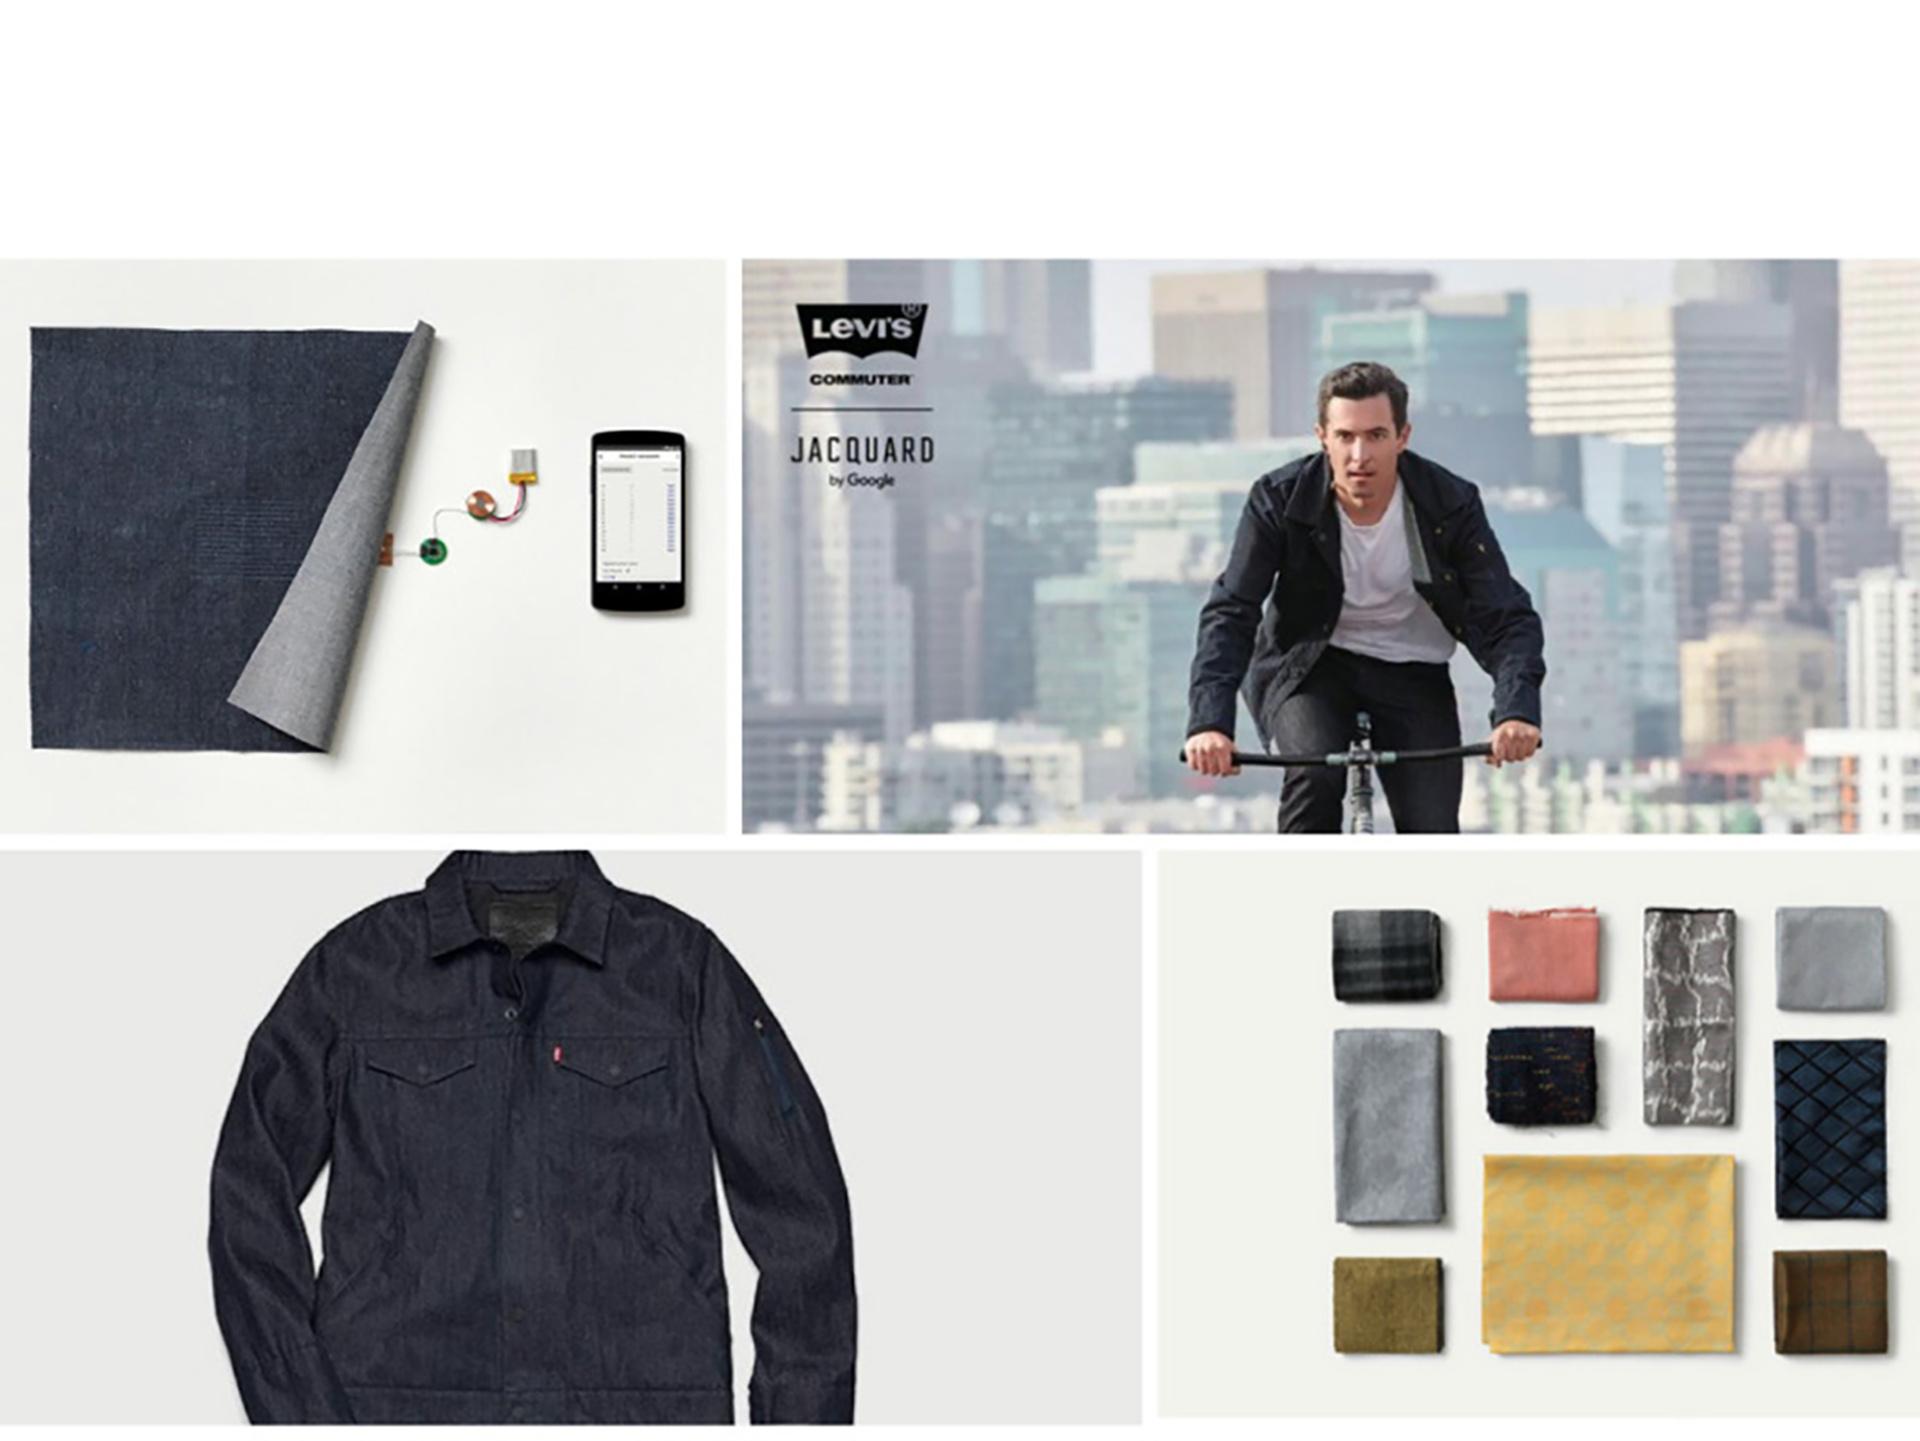 moda întâlnește tehnologia